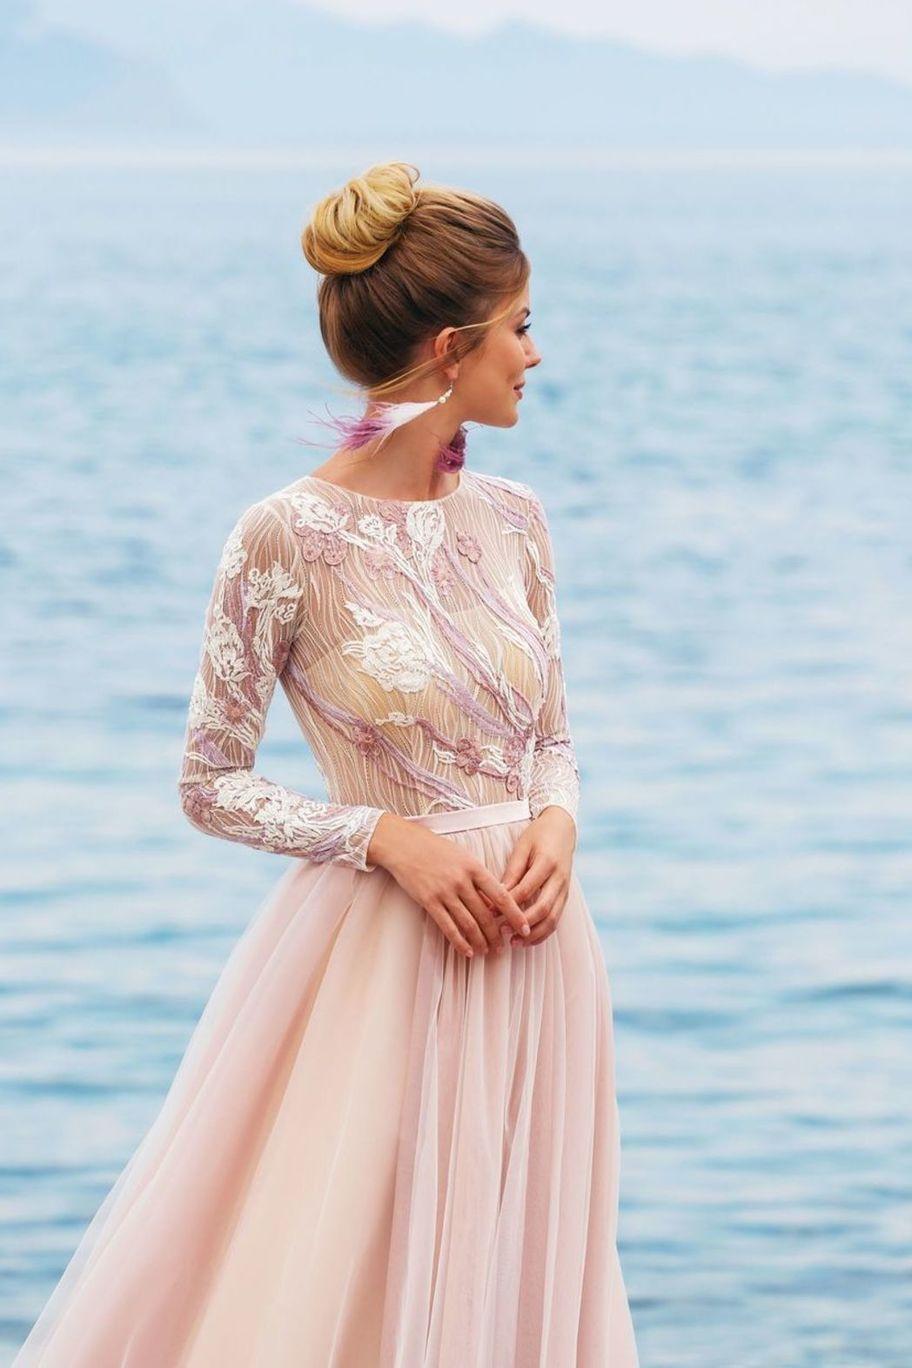 c25ef559965 Свадебное платье «Агния» Куклы — купить в Воронеже платье Агния из  коллекции «Цветы